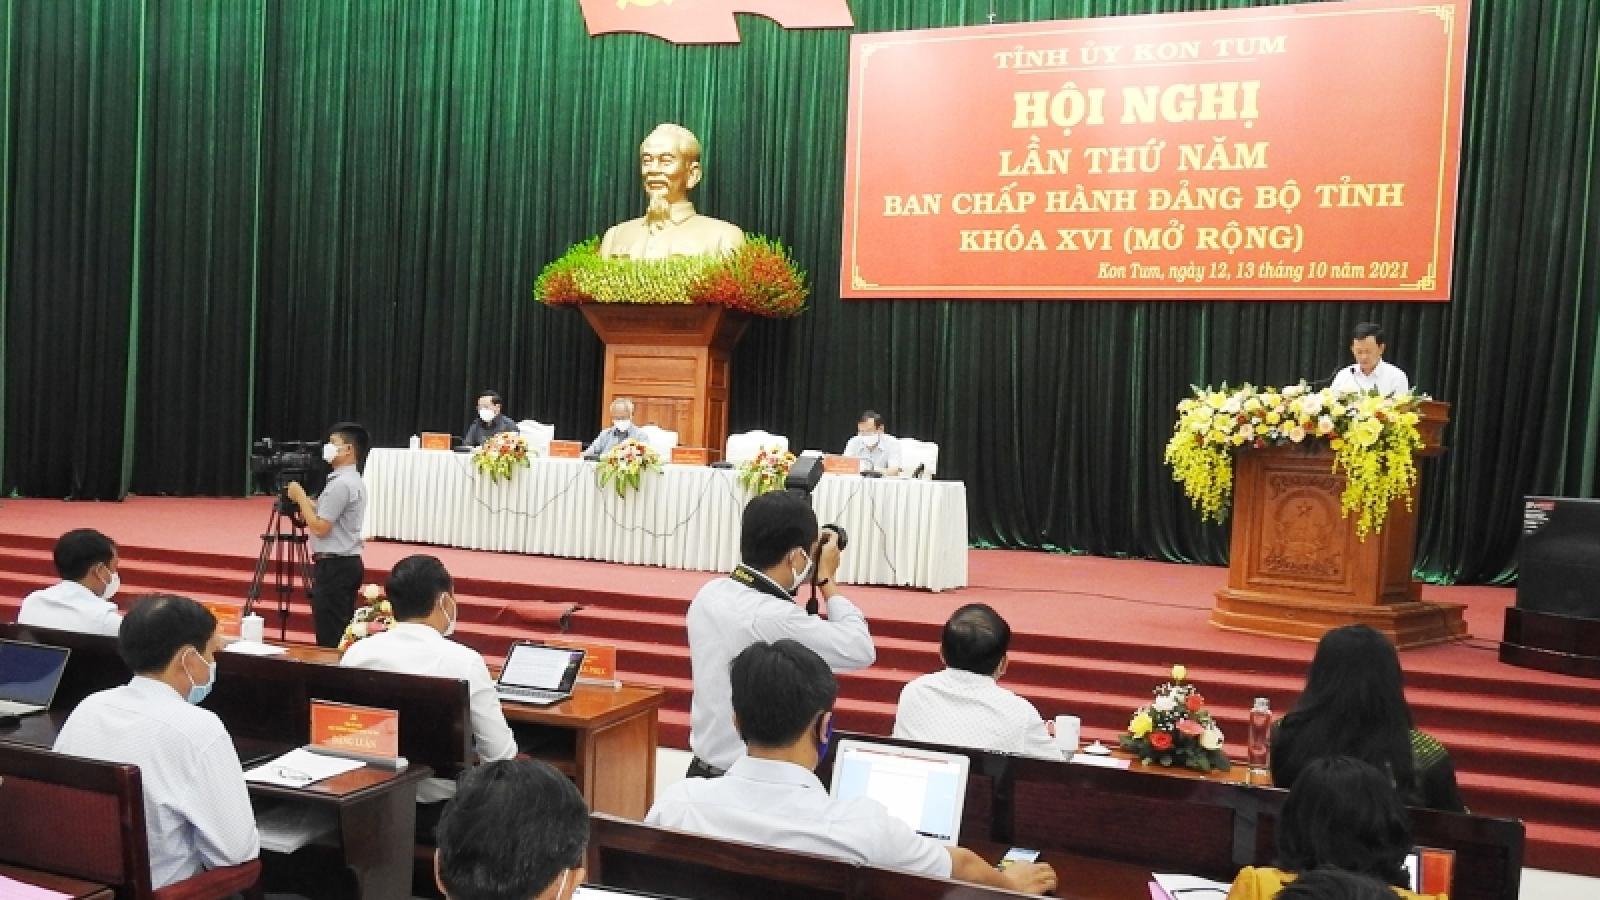 Hội nghị lần thứ 5 Ban Chấp hành Đảng bộ tỉnh Kon Tum khoá XVI